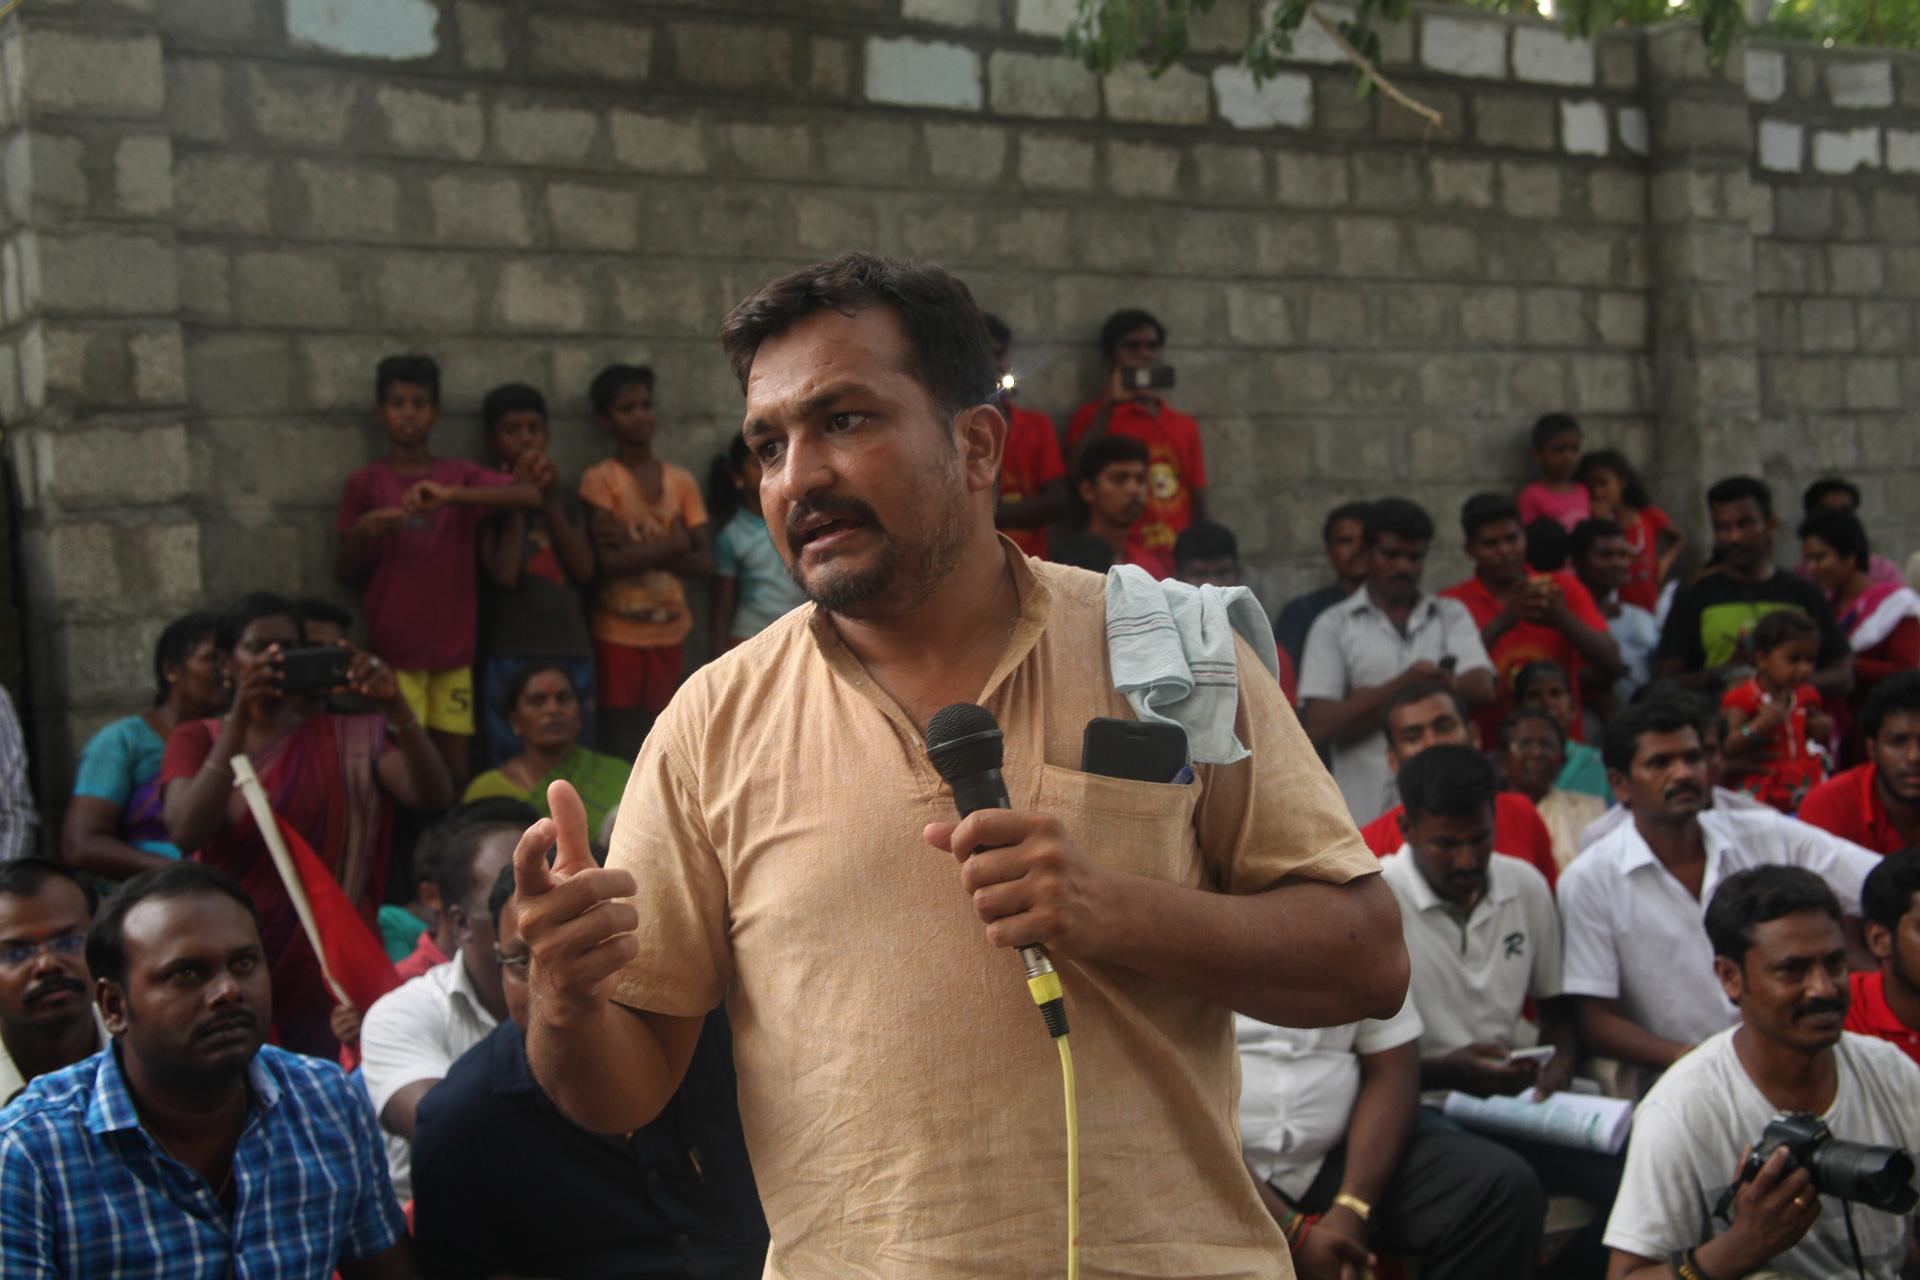 சேலம் – சென்னை 8 வழி சாலை மற்றும் சேலம் விமான நிலைய விரிவாக்கத்தை எதிர்த்து மாபெரும் மக்கள் திரள் பொதுக்கூட்டம் | சீமான், பியுஸ்மனுஷ் பங்கேற்பு seeman piyush manush protest against salem chennai new 8 way greenways road project yerumapalayam naam tamilar katchi 3